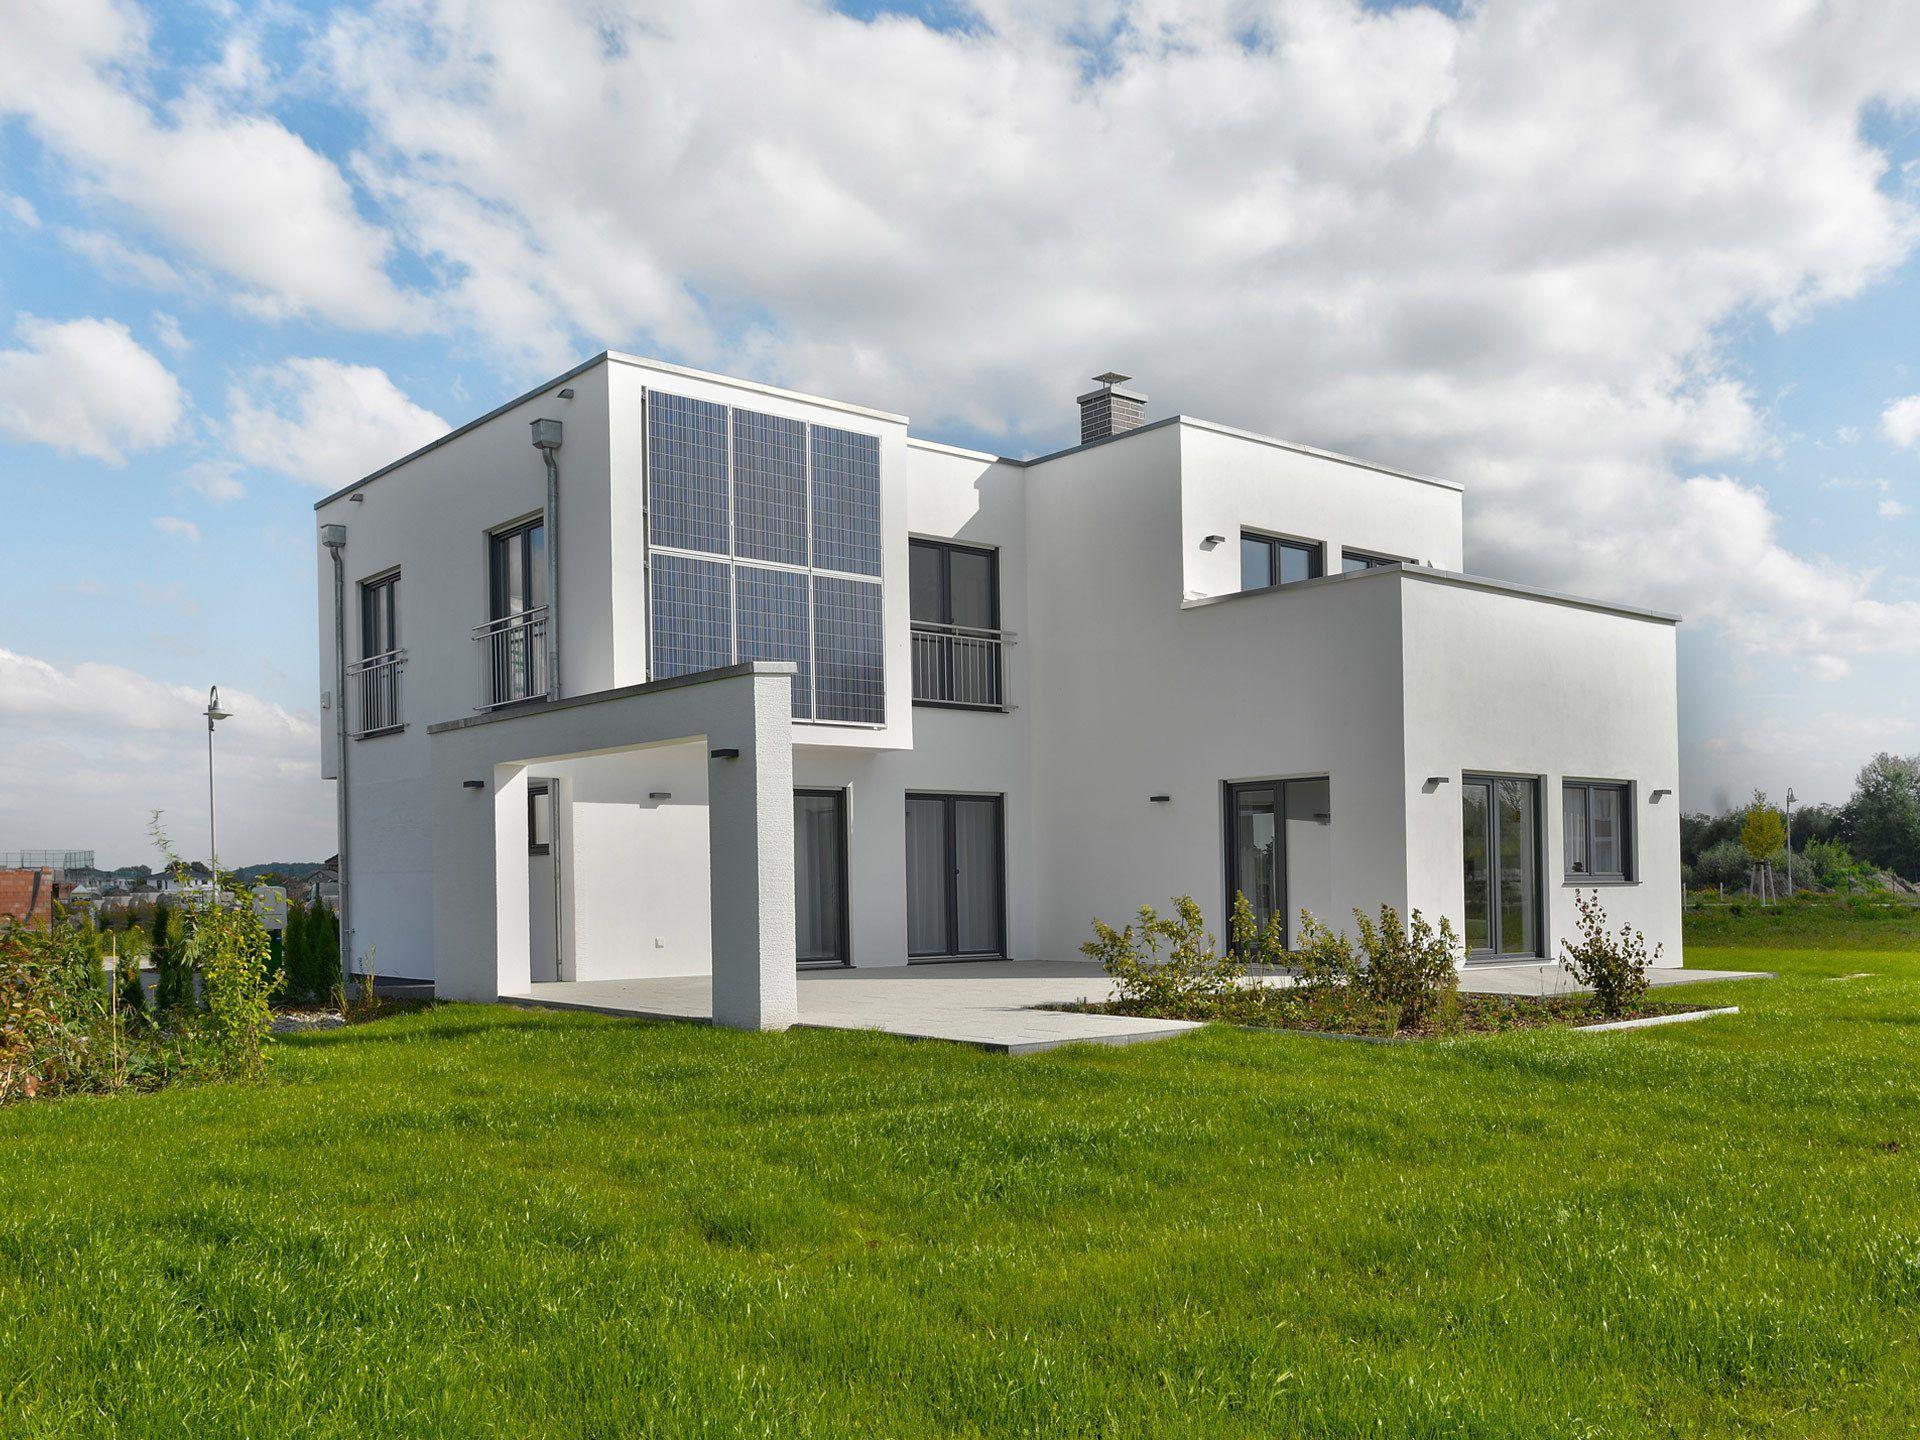 Musterhaus modern flachdach  Energiesparhaus mit Flachdach - Musterhaus Fine Arts 198 ...